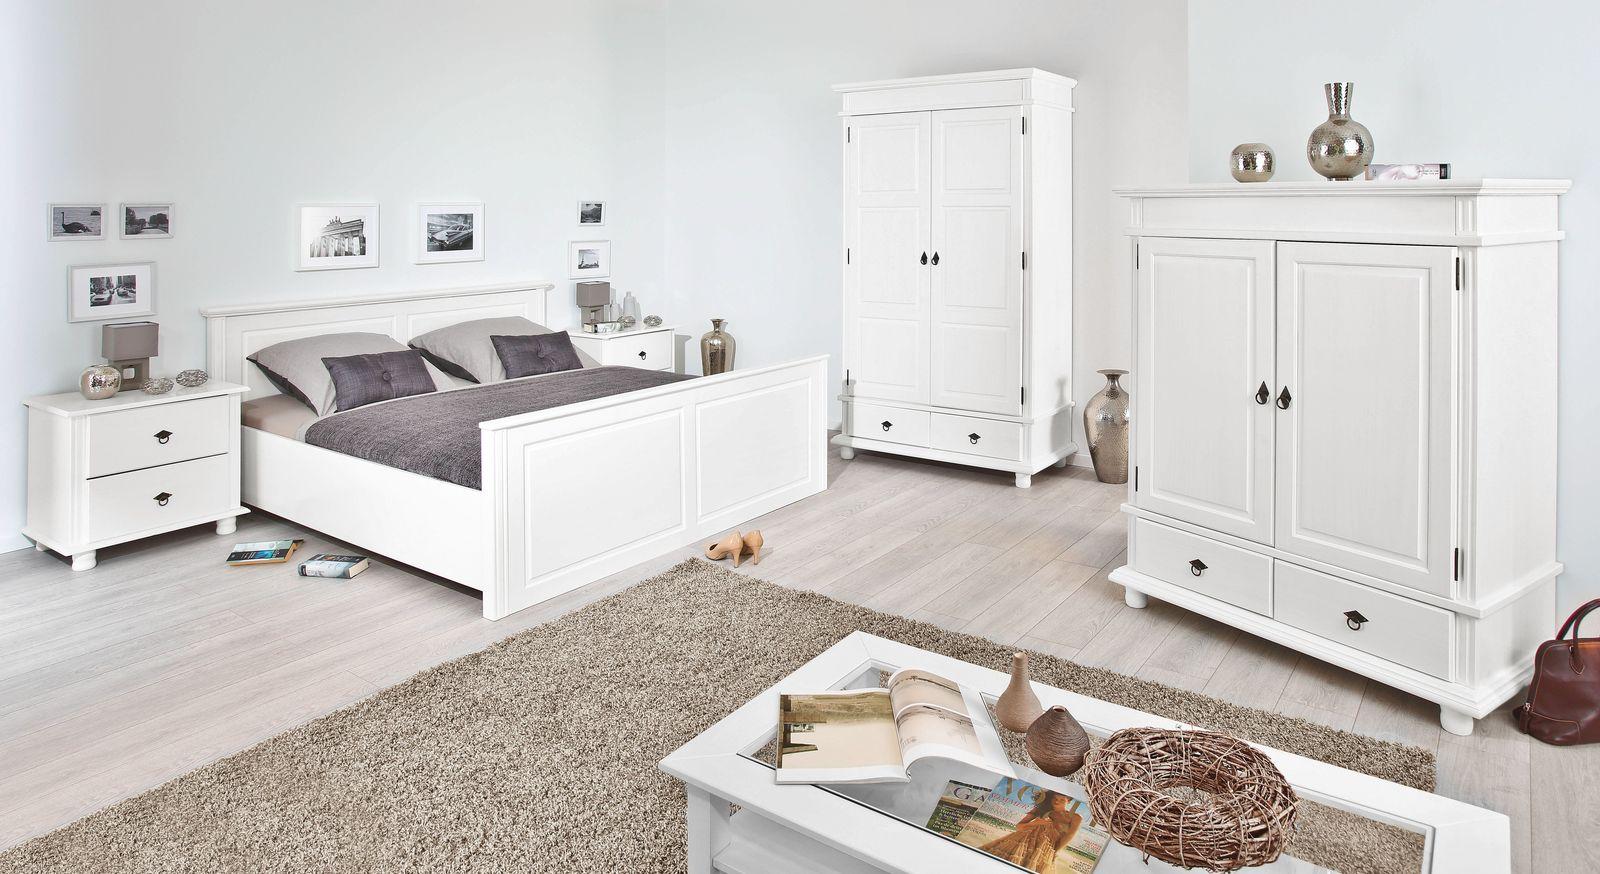 Schlafzimmer komplett im landhausstil aus wei er kiefer wien - Schlafzimmer im landhausstil ...